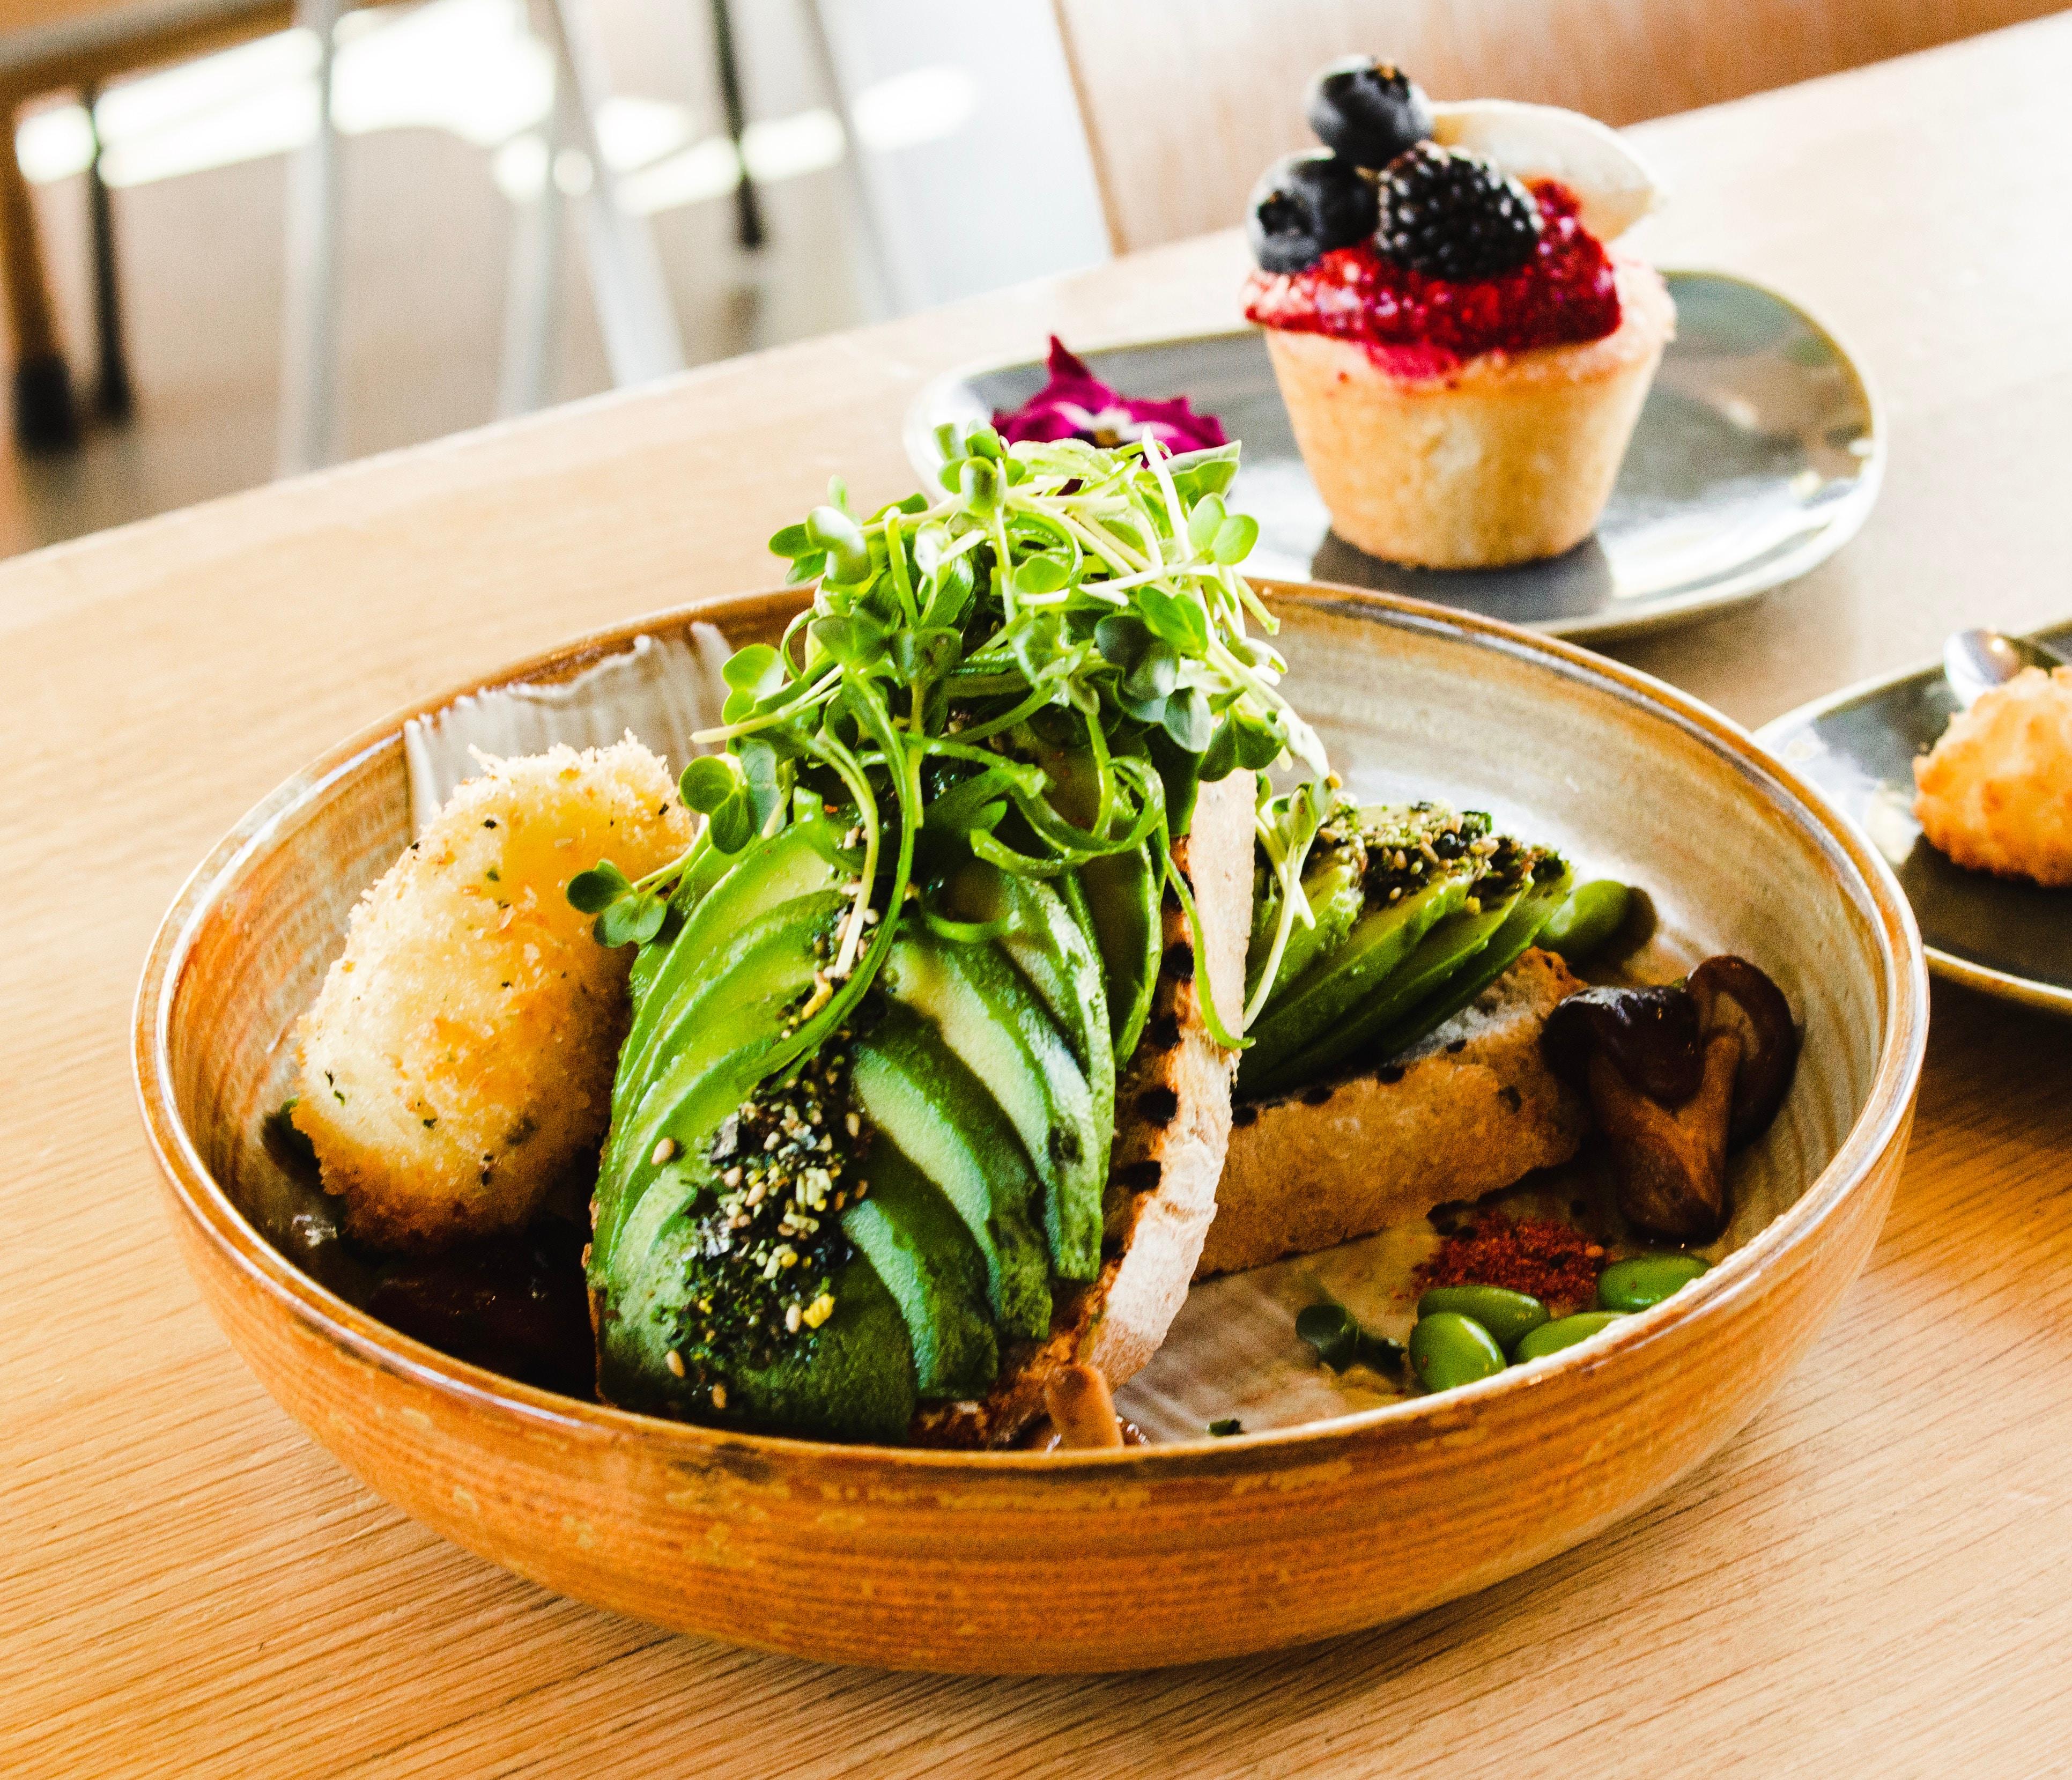 Top 10 best vegan restaurants in Toronto